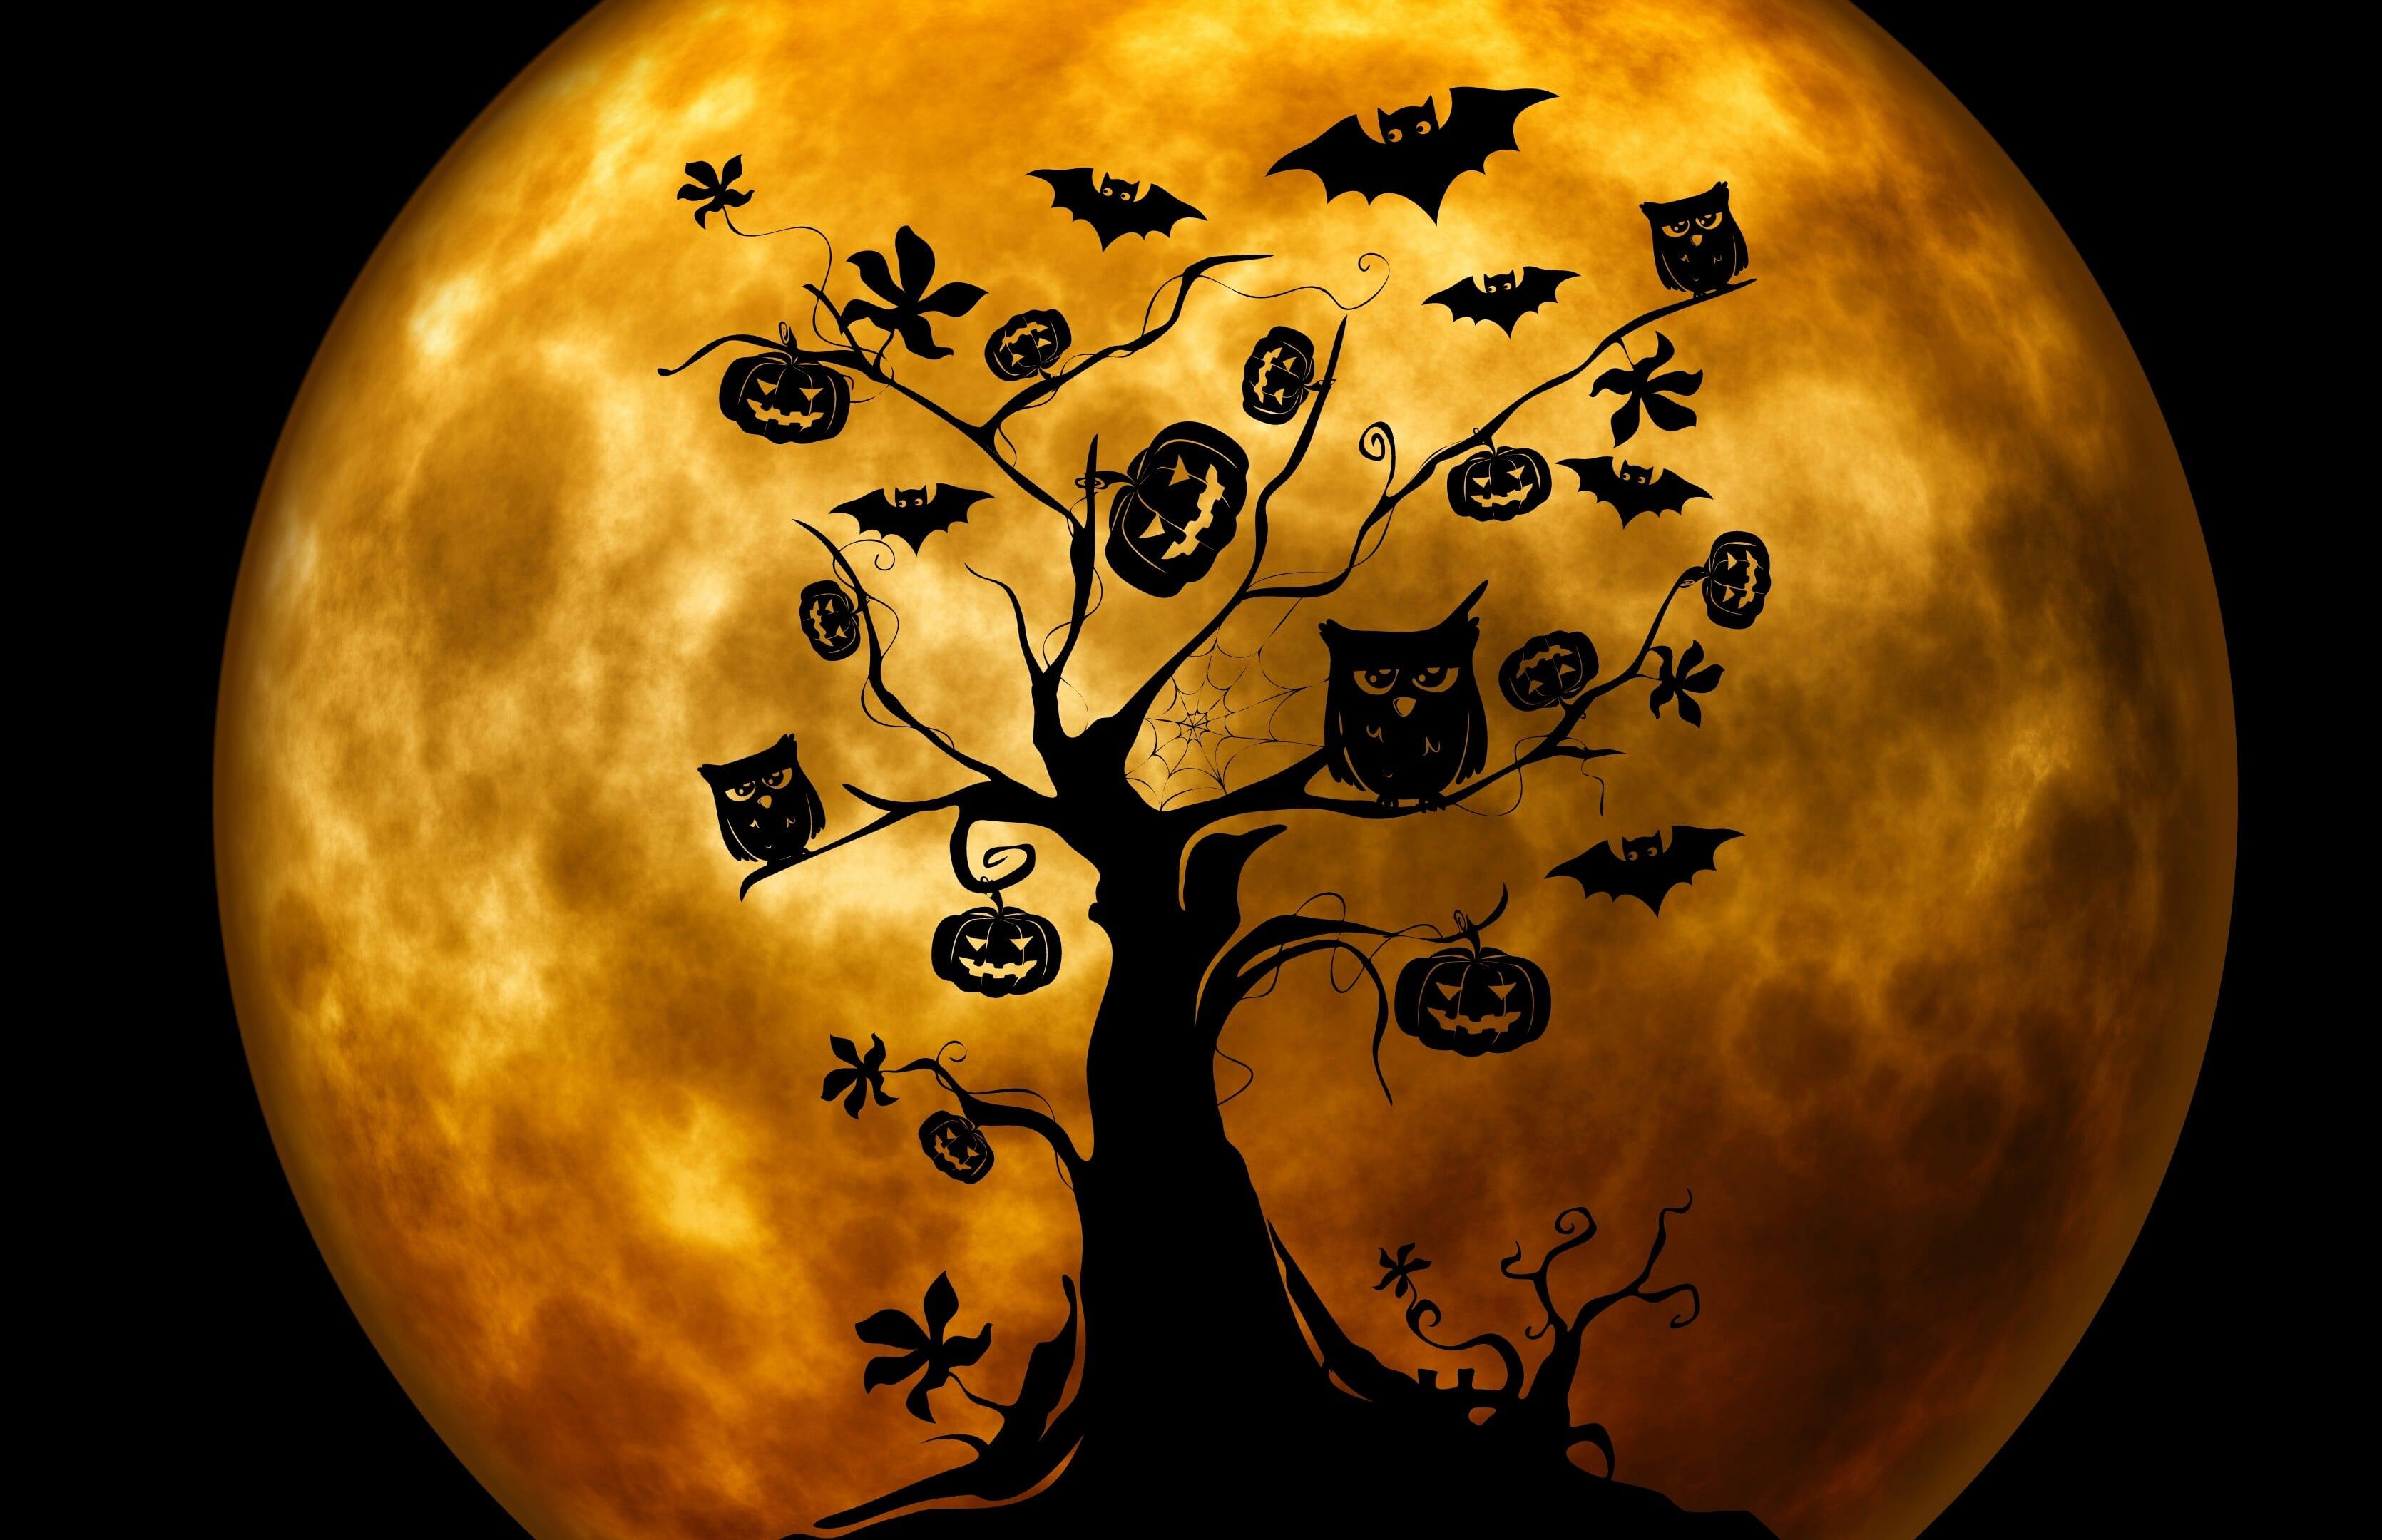 Imagenes Fondos De Pantalla: Descarga Los Mejores Fondos De Pantalla Para Halloween